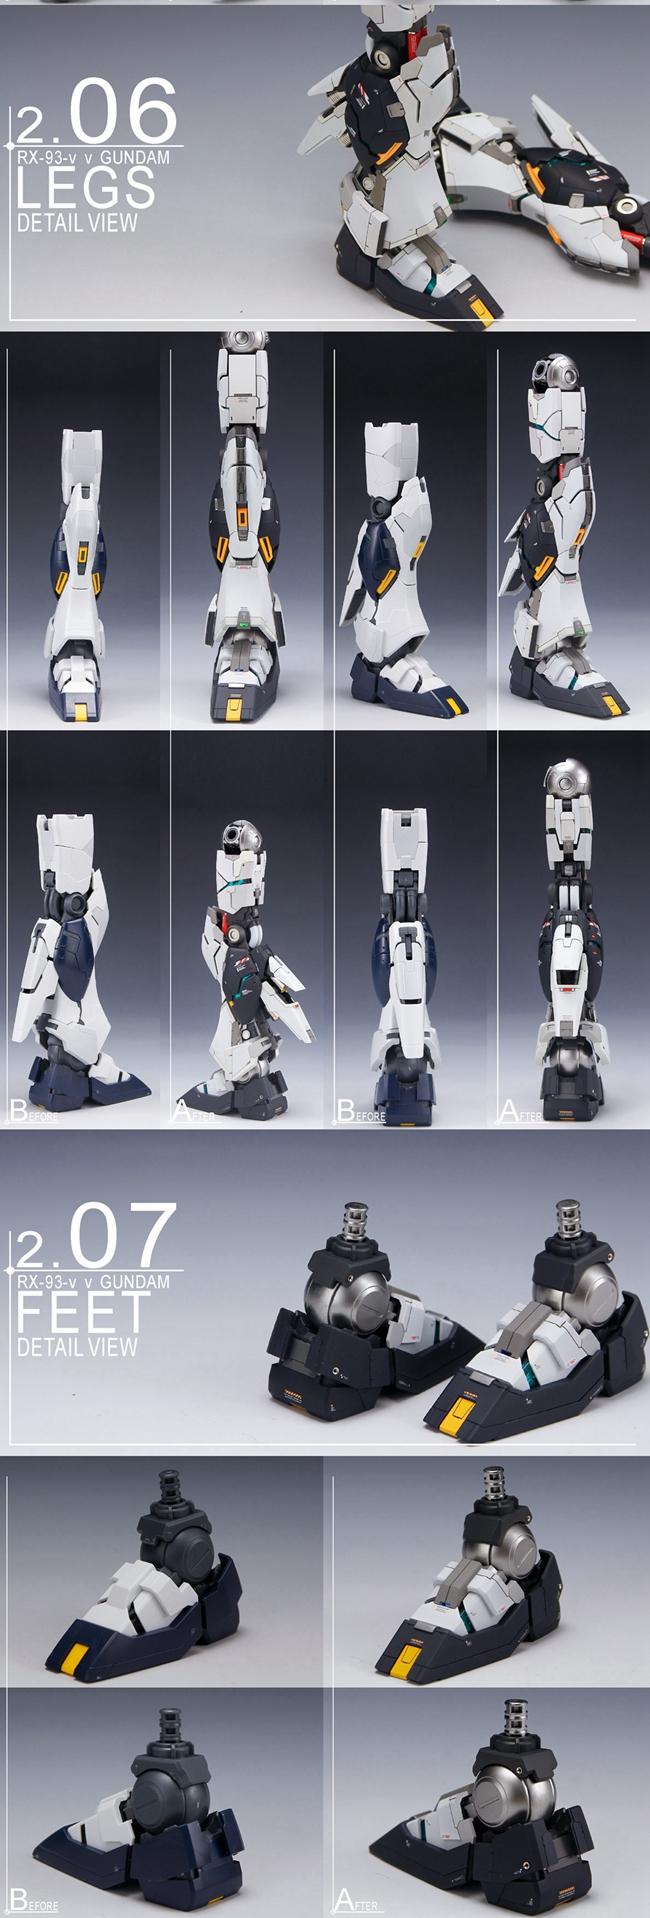 G89-nu-info-kyouma-inask-010.jpg